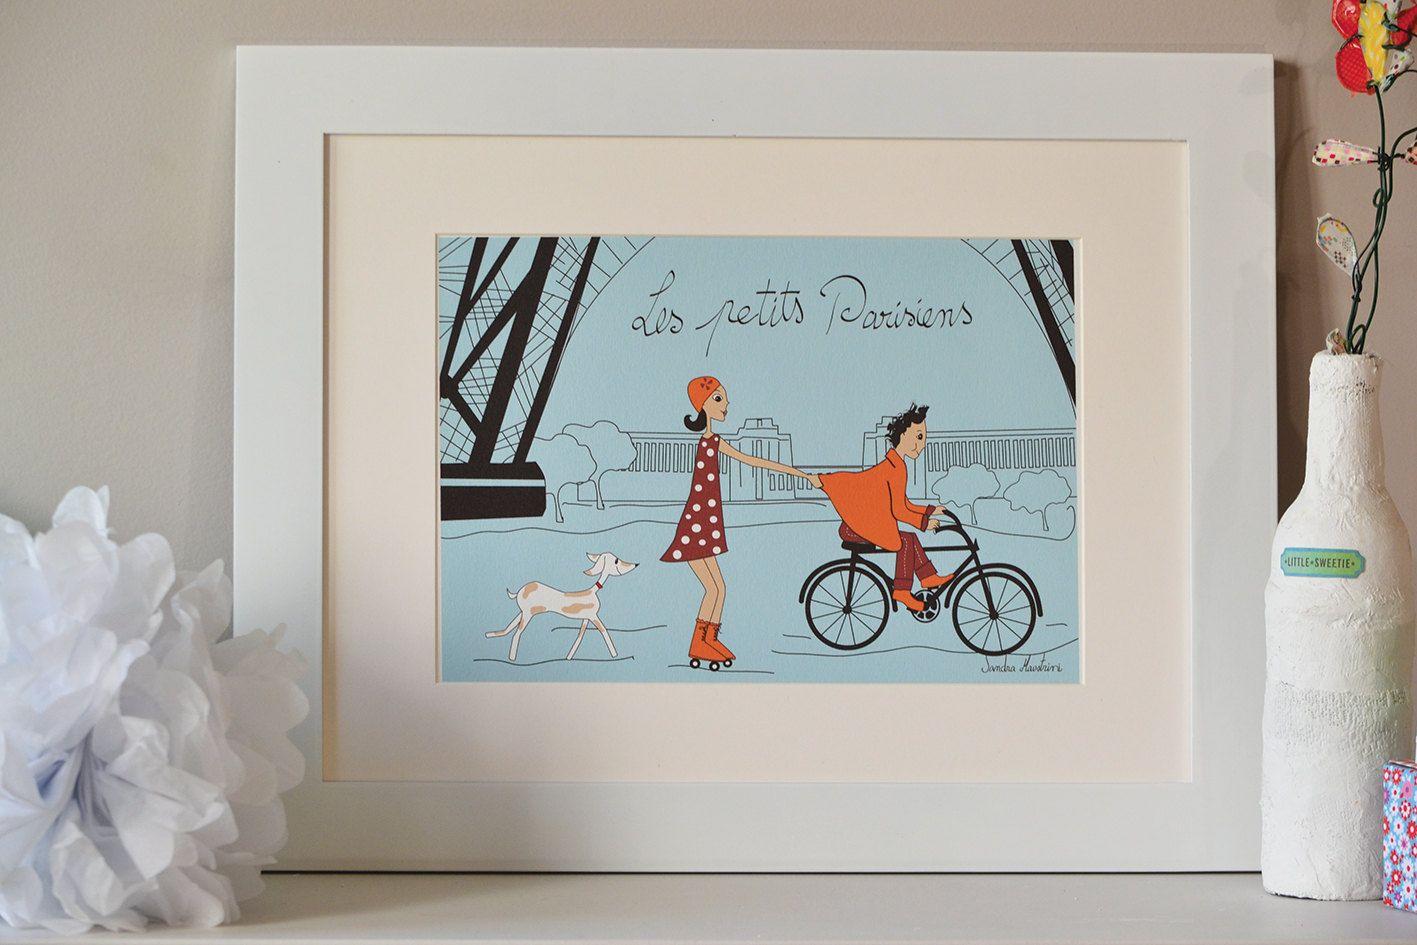 Illustration de Paris Jeux des petits parisiens, Paris art, affiche de Paris, Paris print, impression numérique de PAris by Sandra Maestrini.